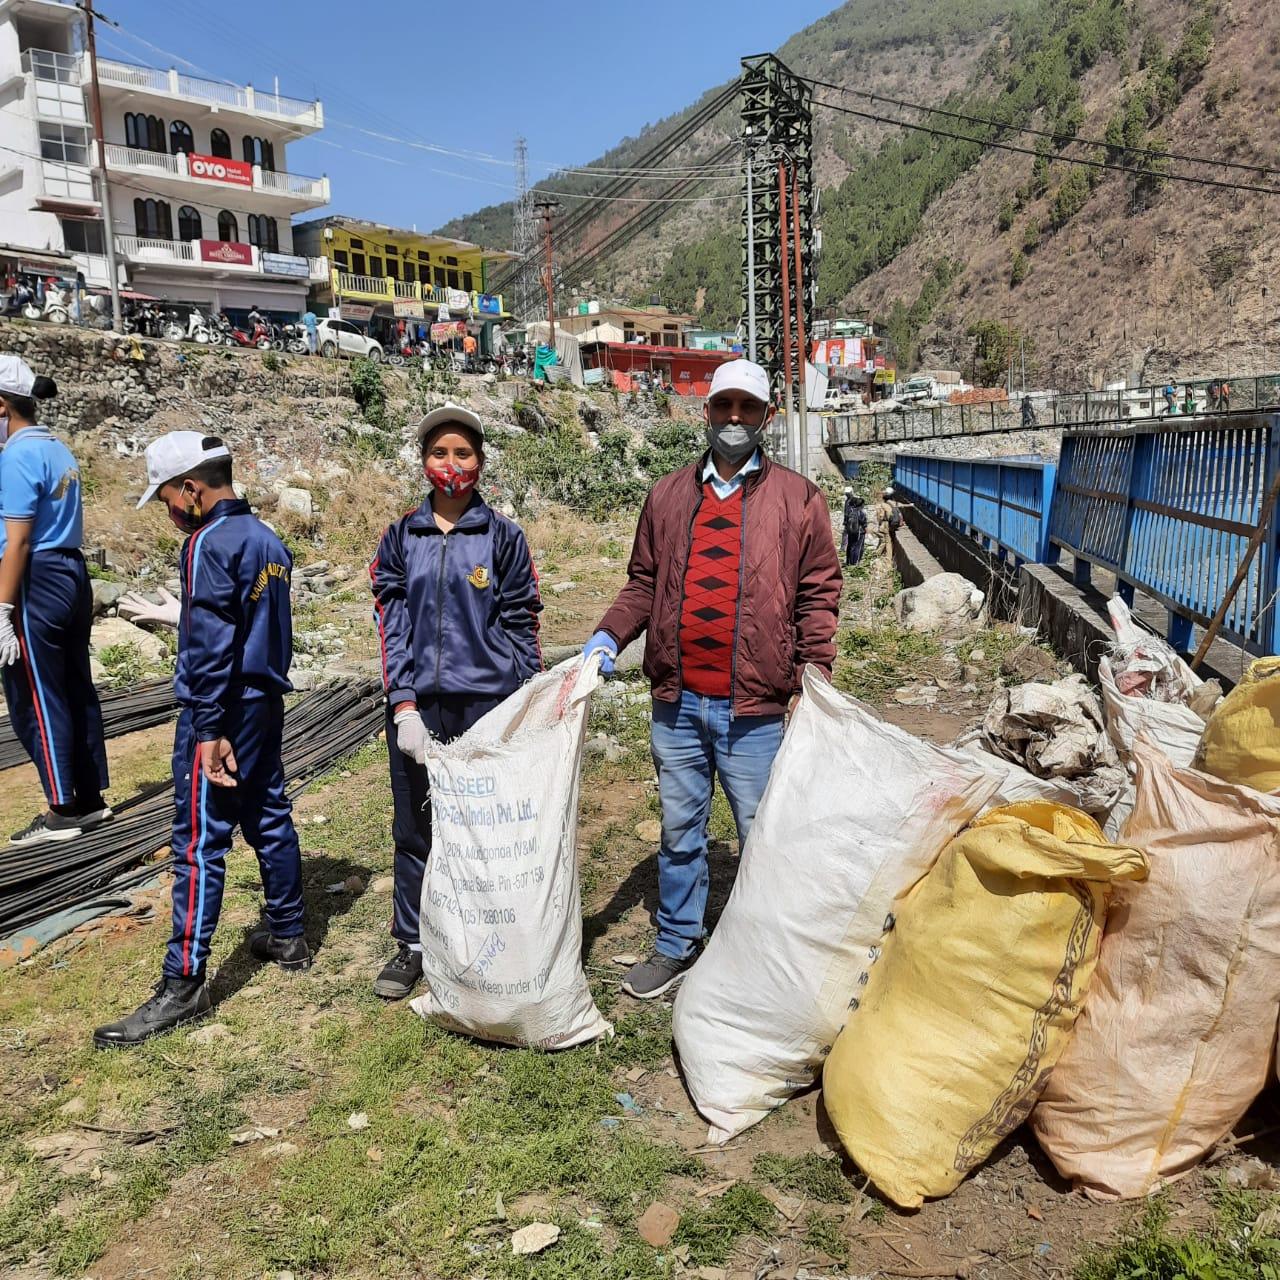 जोशियाड़ा टैक्सी स्टैंड गंगा नदी किनारे चलाया स्वच्छता अभियान